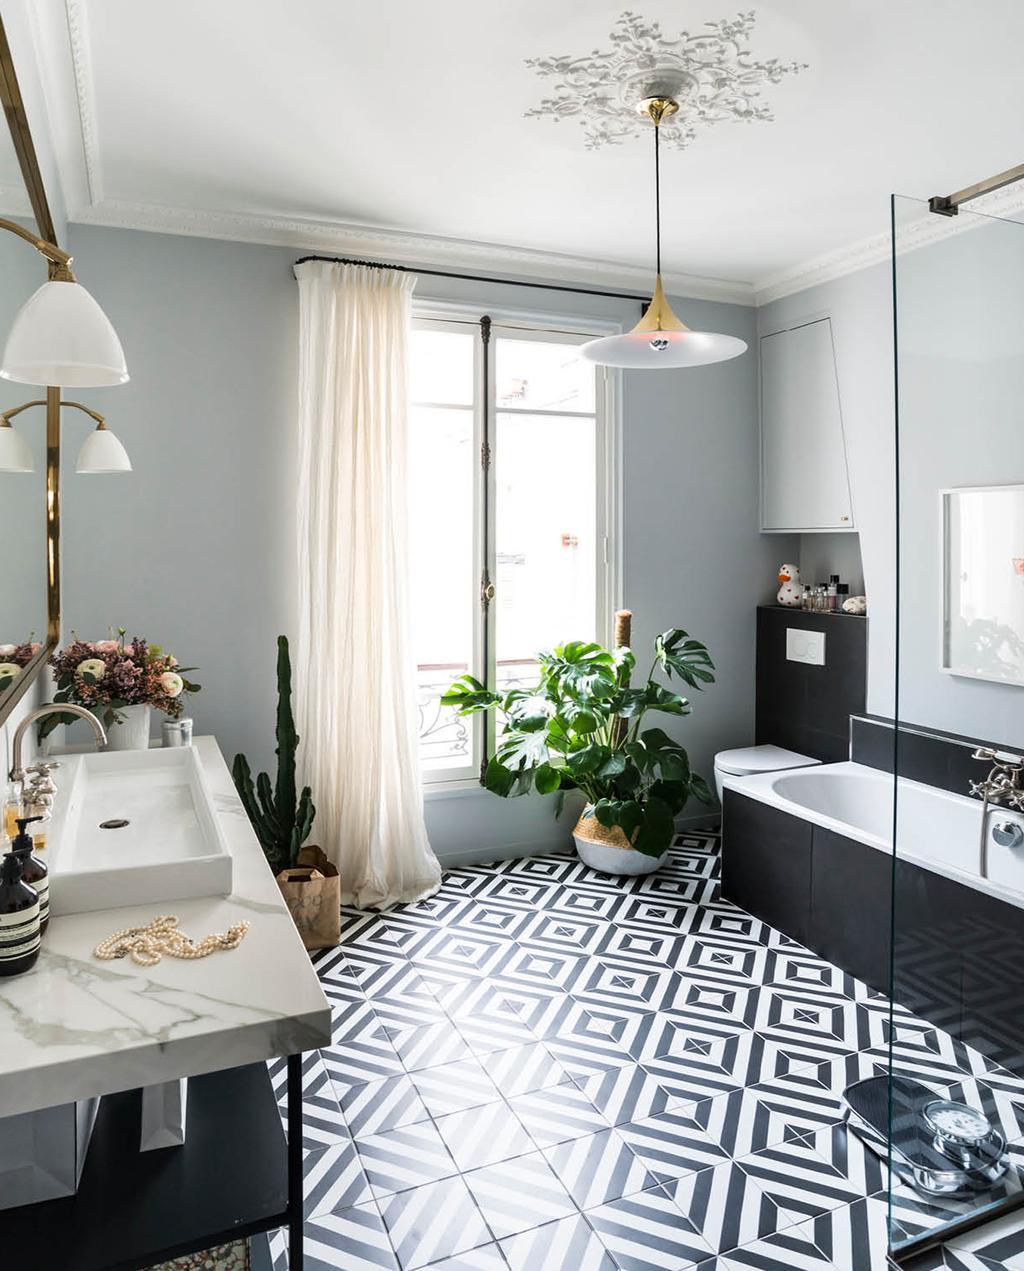 vtwonen 02-2019 | badkamer in Parijs zwart witte tegels